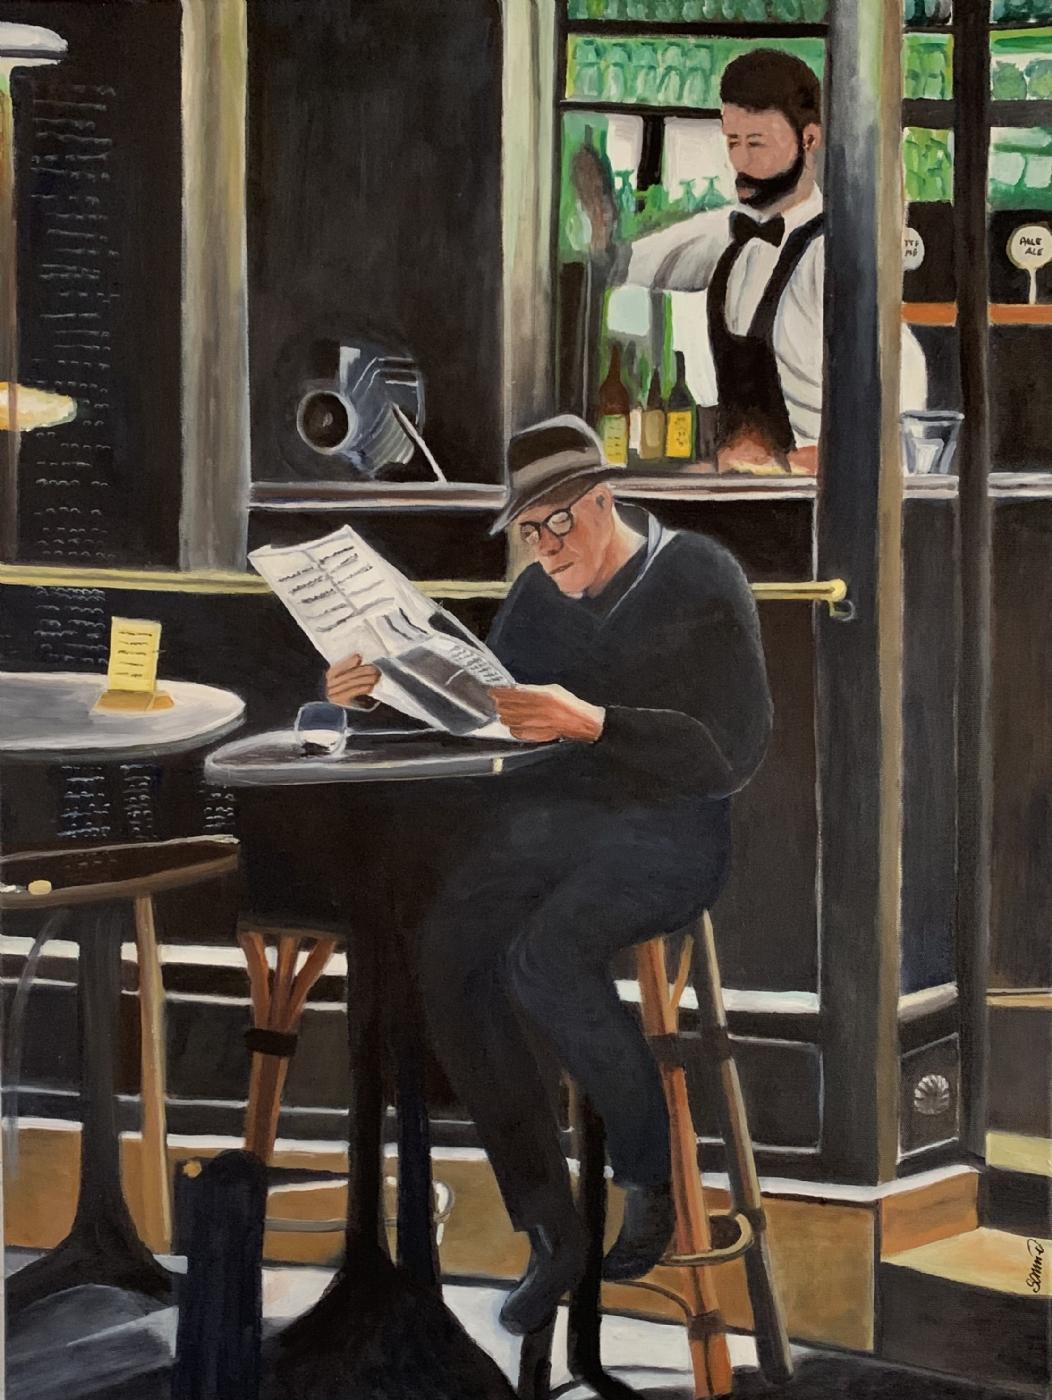 Avislæsning i baren | Maleri